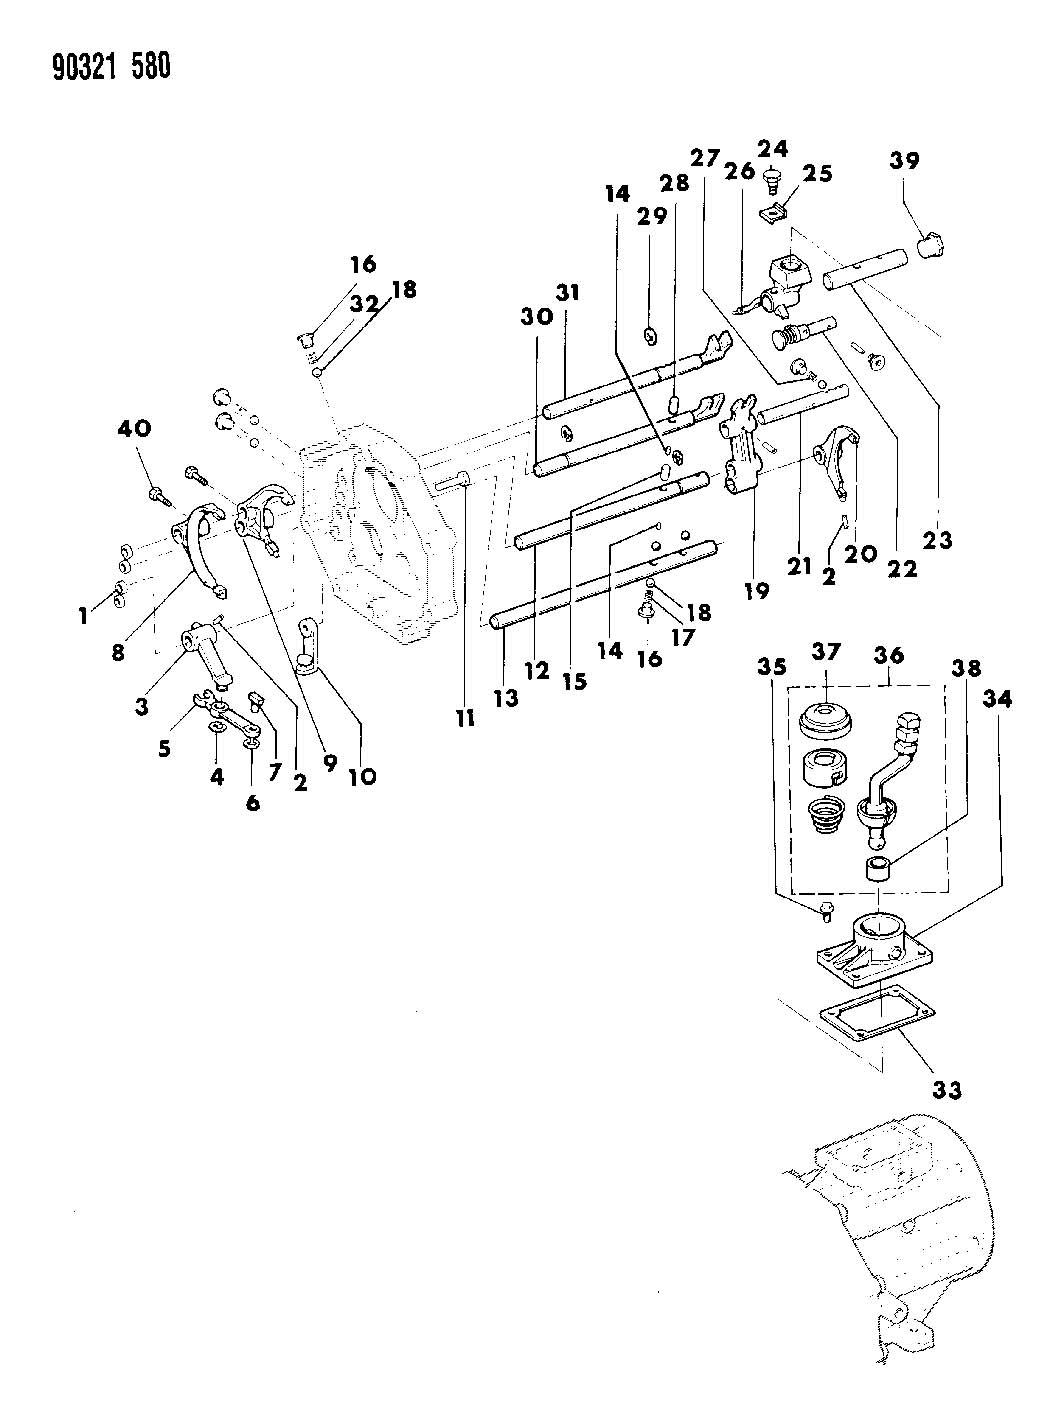 Jeep Wrangler Shaft Gear Shift Fork Number 5